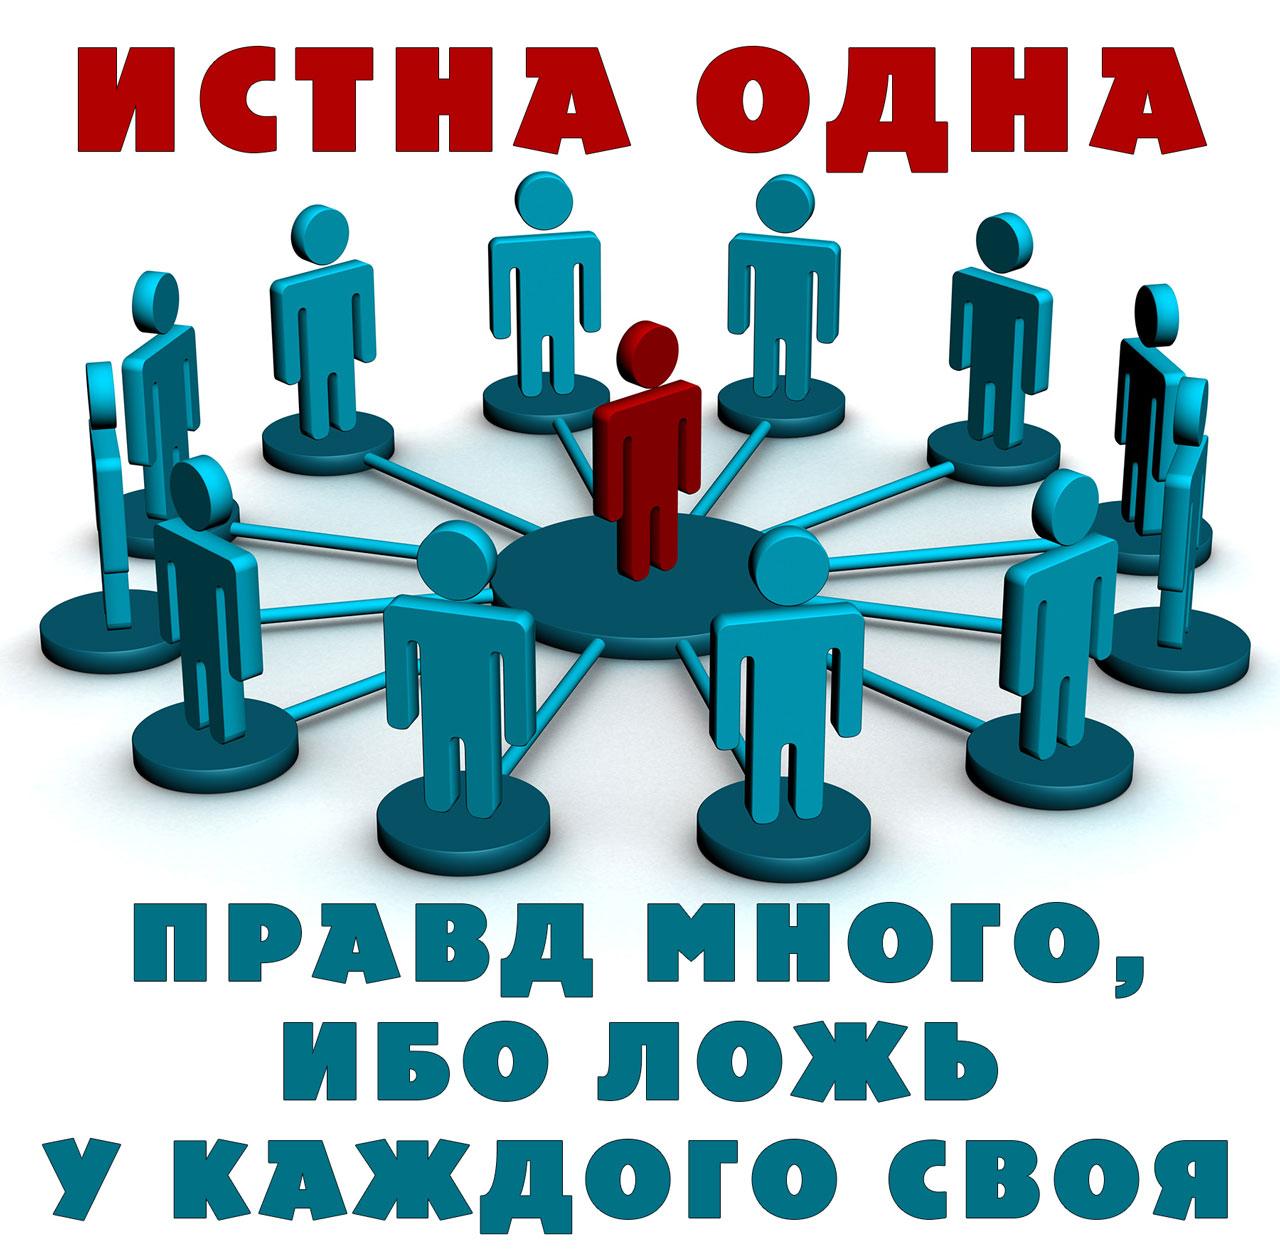 Истина одна, а правд много, ибо ложь укаждого своя (мораль субъективна) #ВЕГЕТАРИАНСТВО #ВЕГАН #ВЕГАНСТВО #ВЕГЕТАРИАНЕЦ #GoVegan #ХРИСТОЛЮБ — christolube.ru